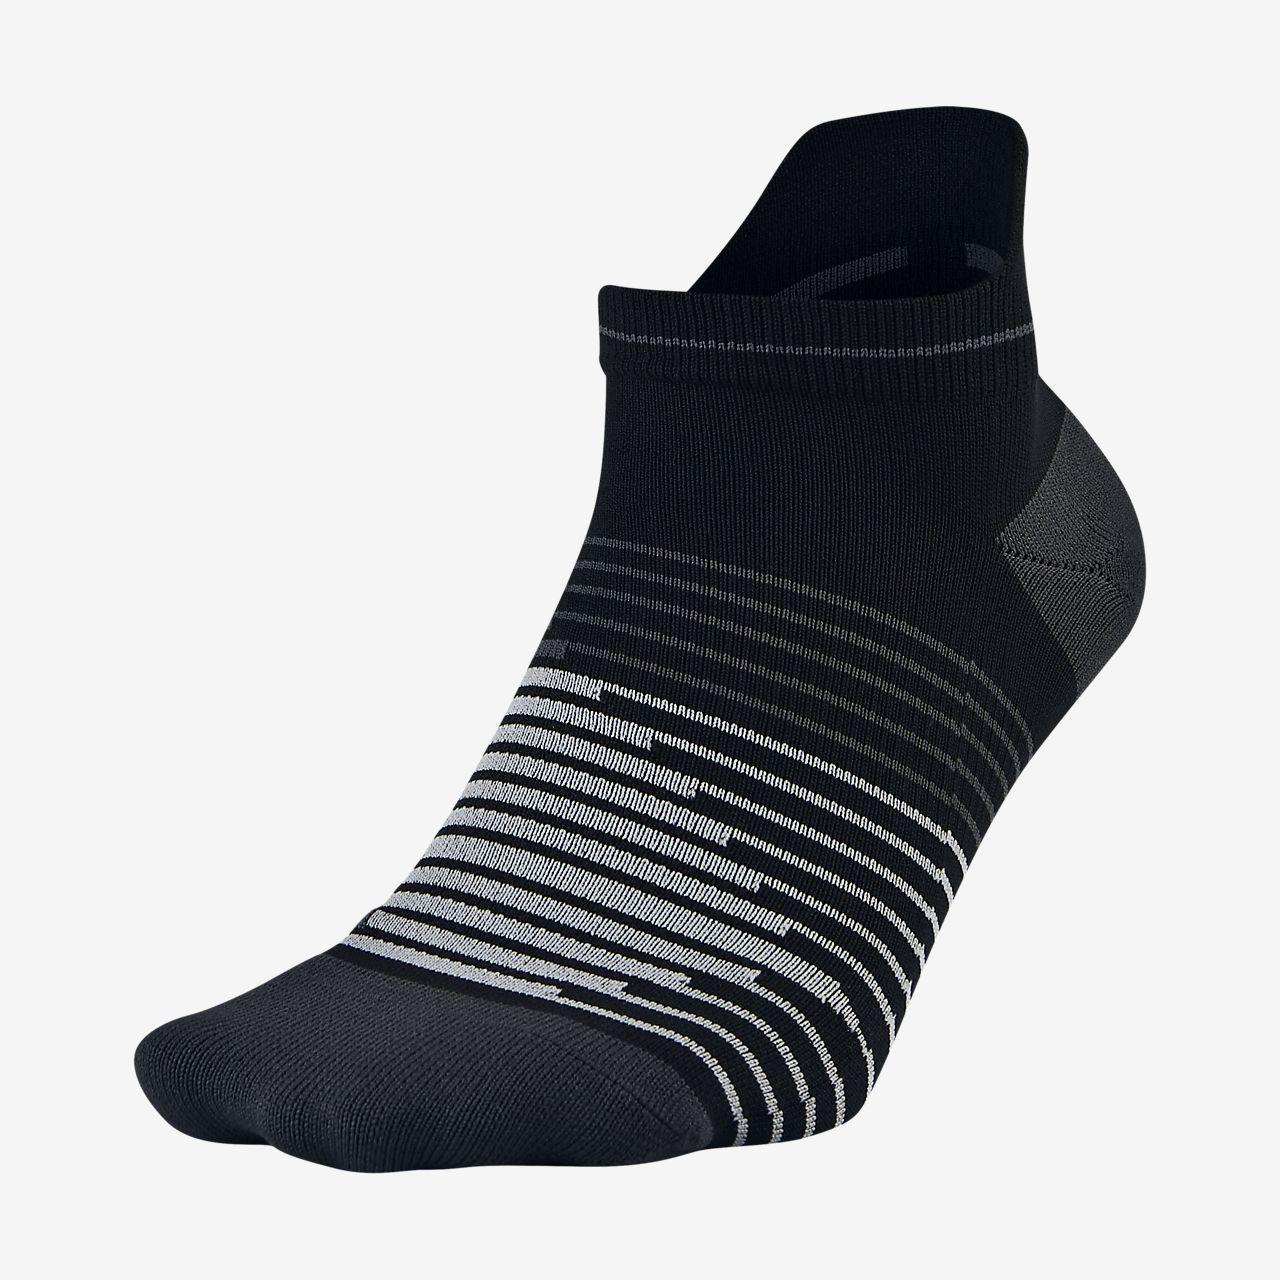 acheter pas cher 9a379 b56aa Chaussettes de running Nike Dri-FIT Lightweight No-Show Tab